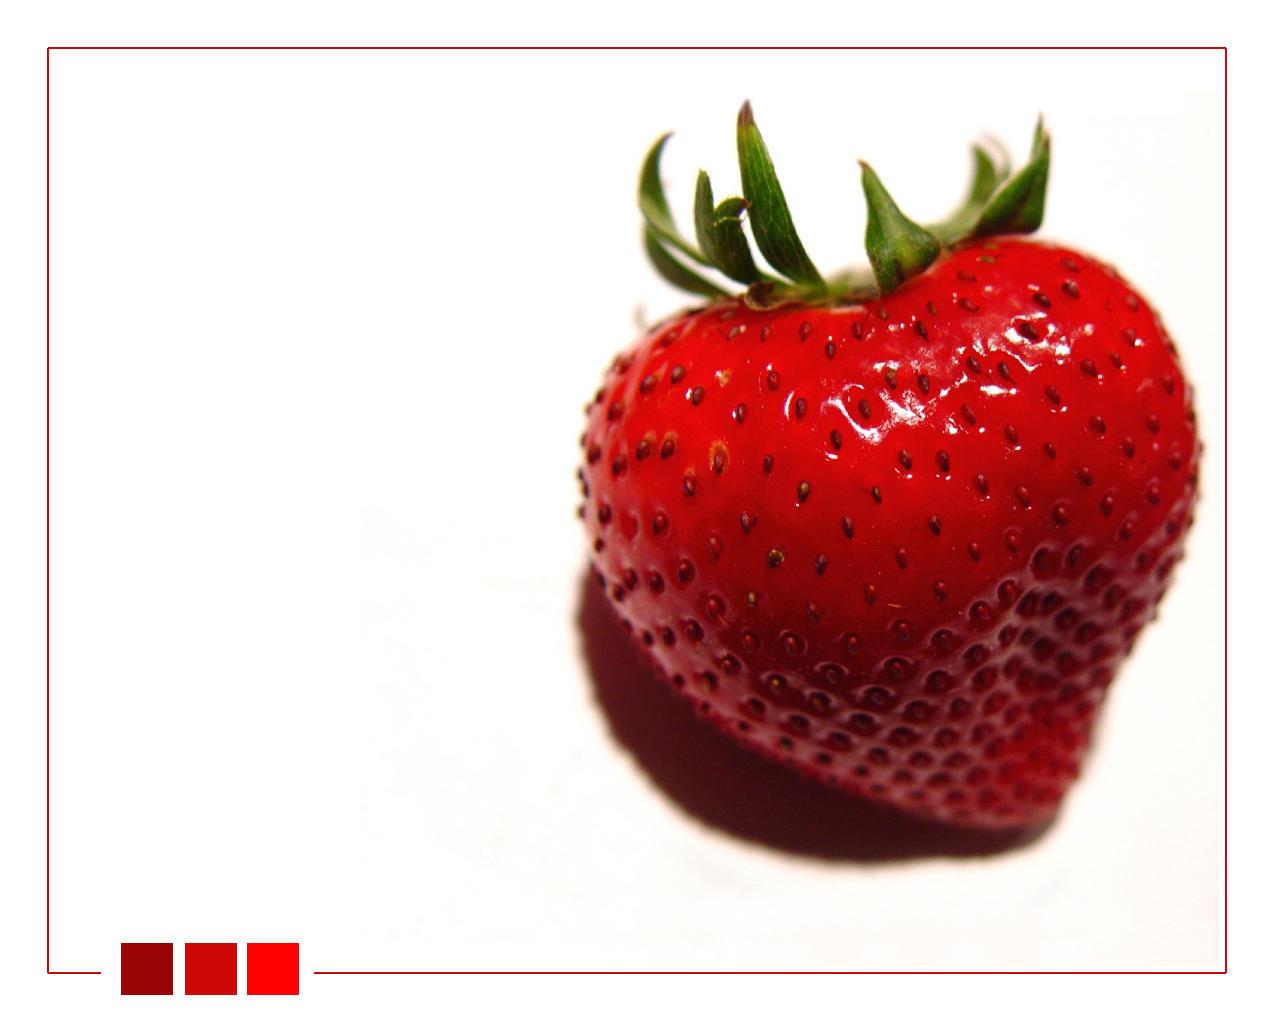 erdbeeren by fbb